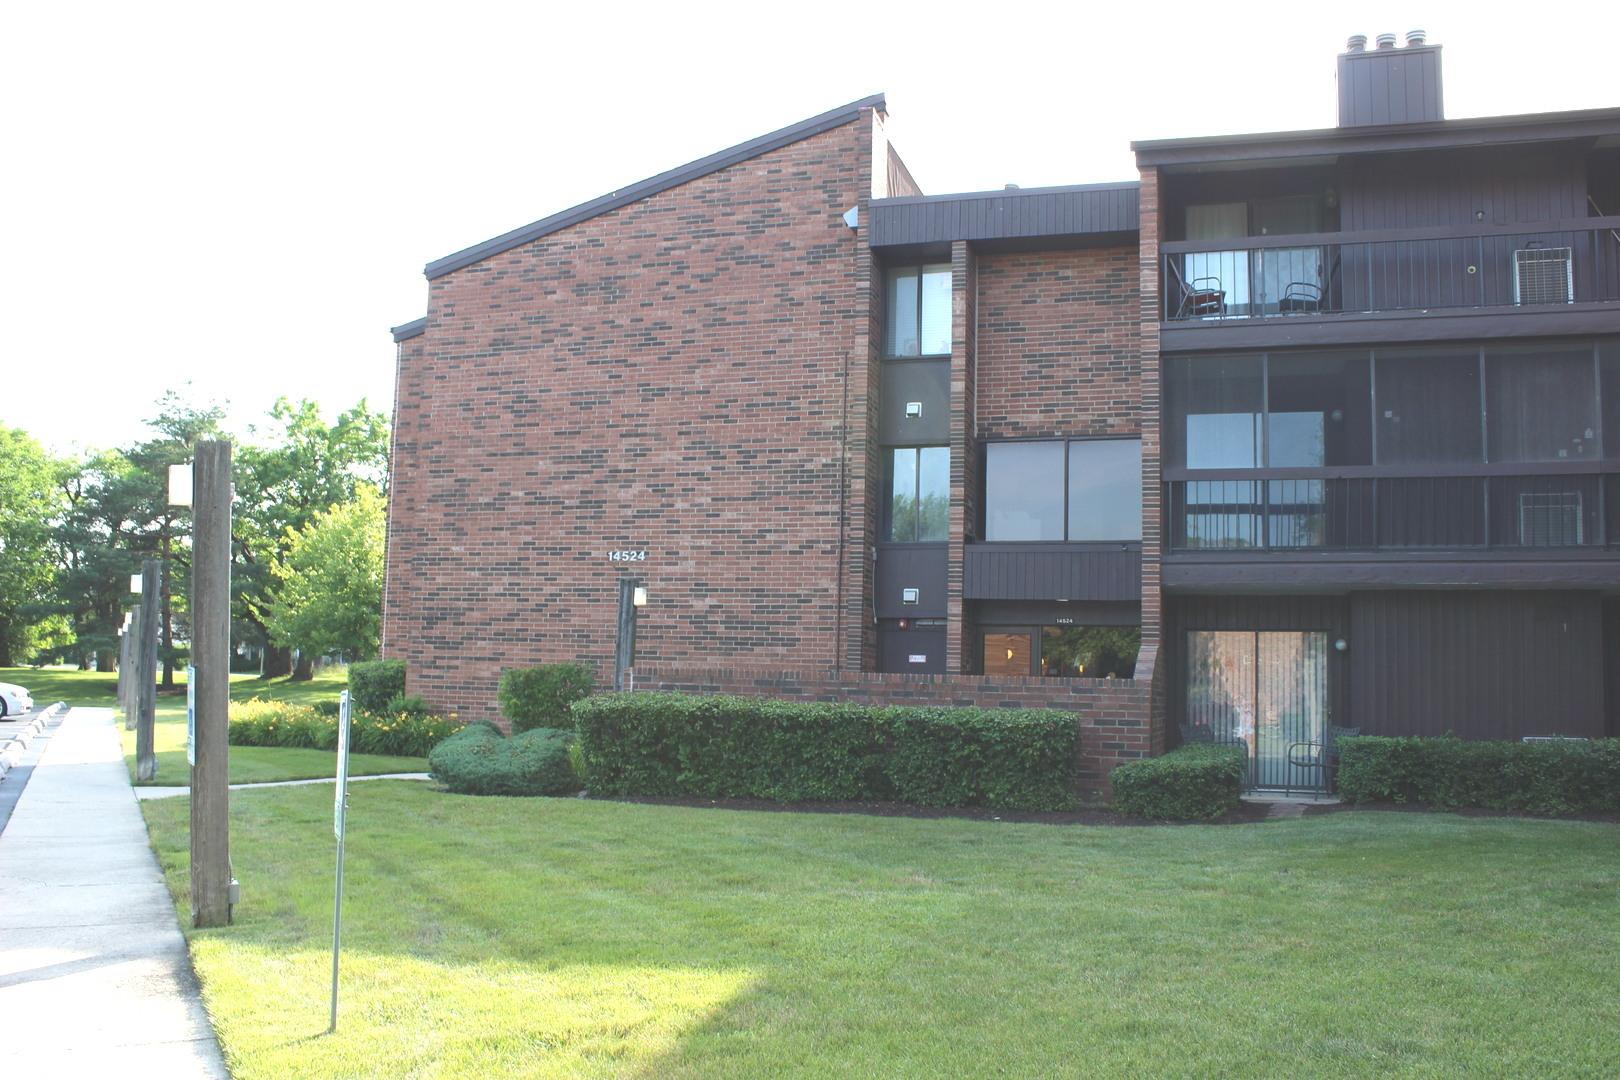 14524 Walden Unit Unit g2 ,Oak Forest, Illinois 60452